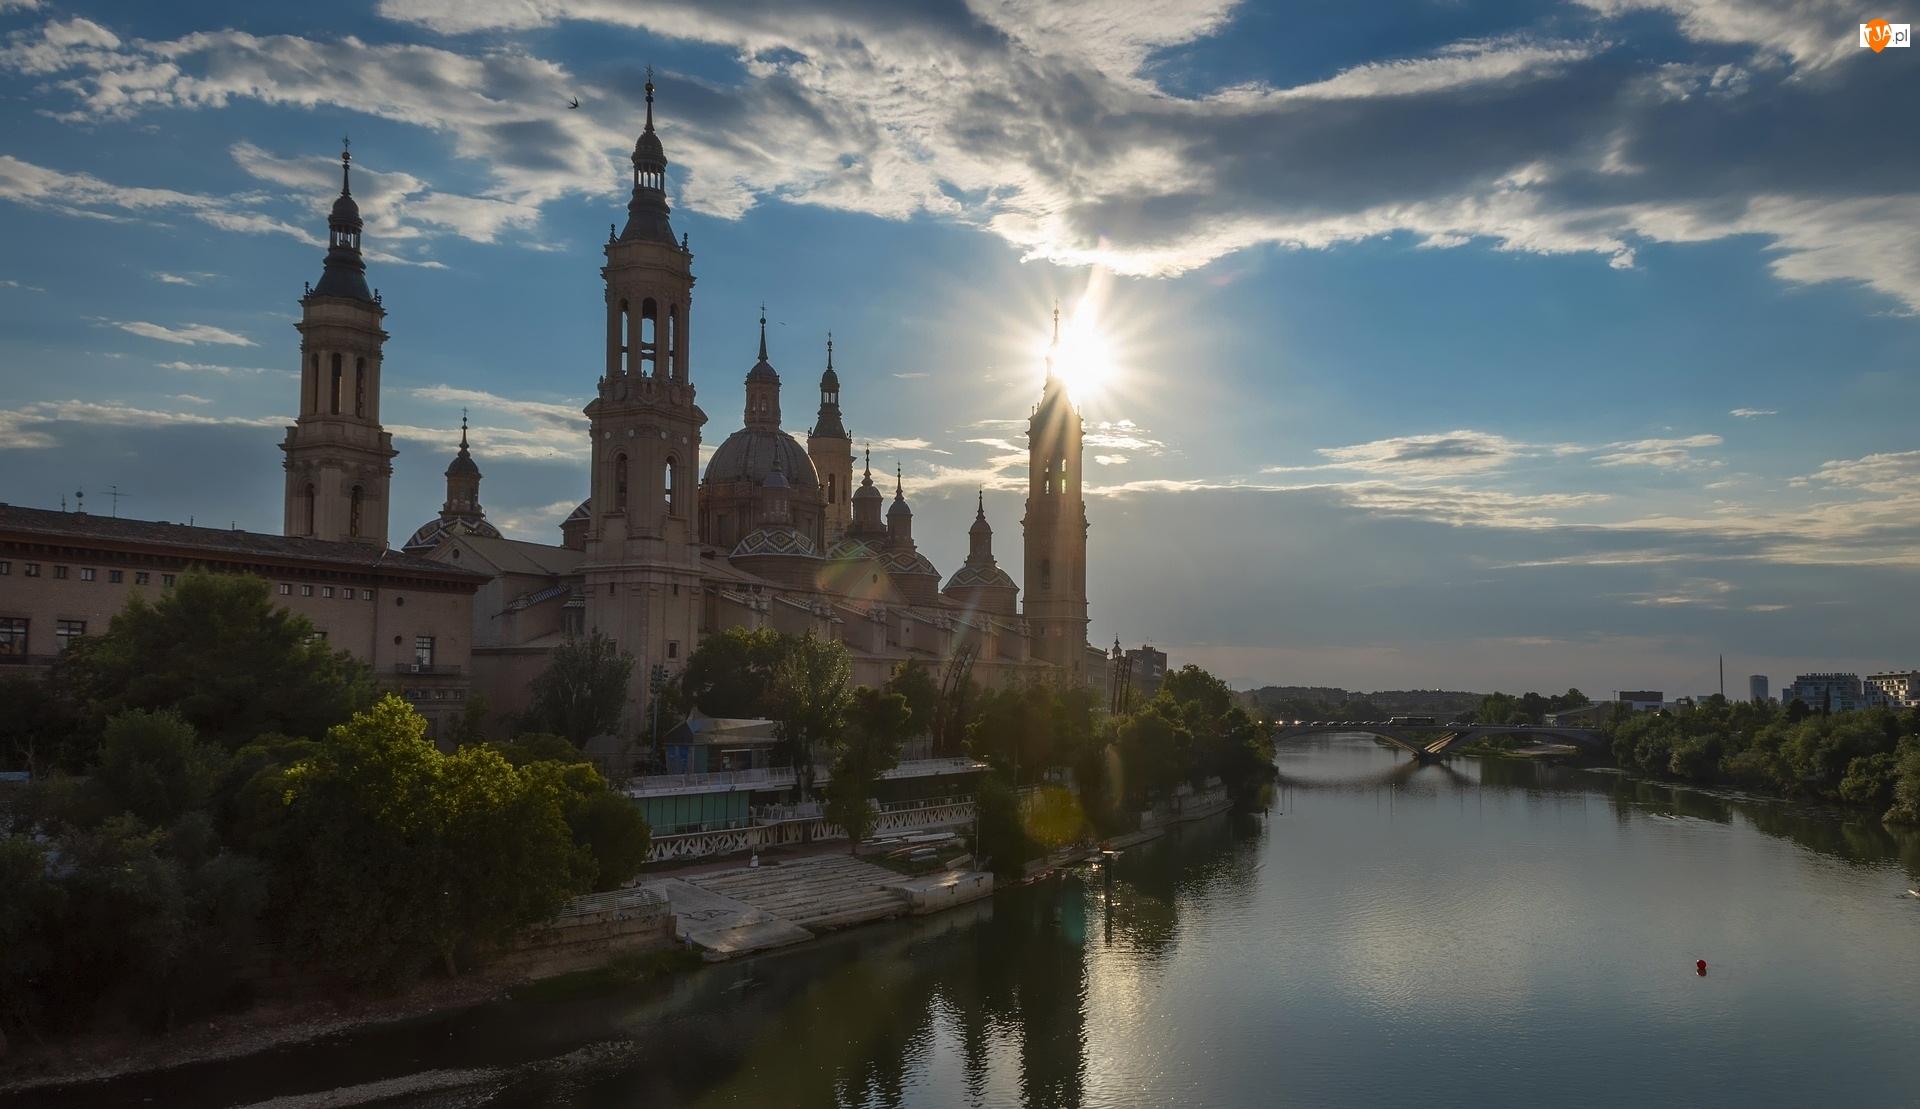 Rzeka Ebro, Bazylika Nuestra Senora del Pilar, Most, Hiszpania, Promienie słońca, Saragossa